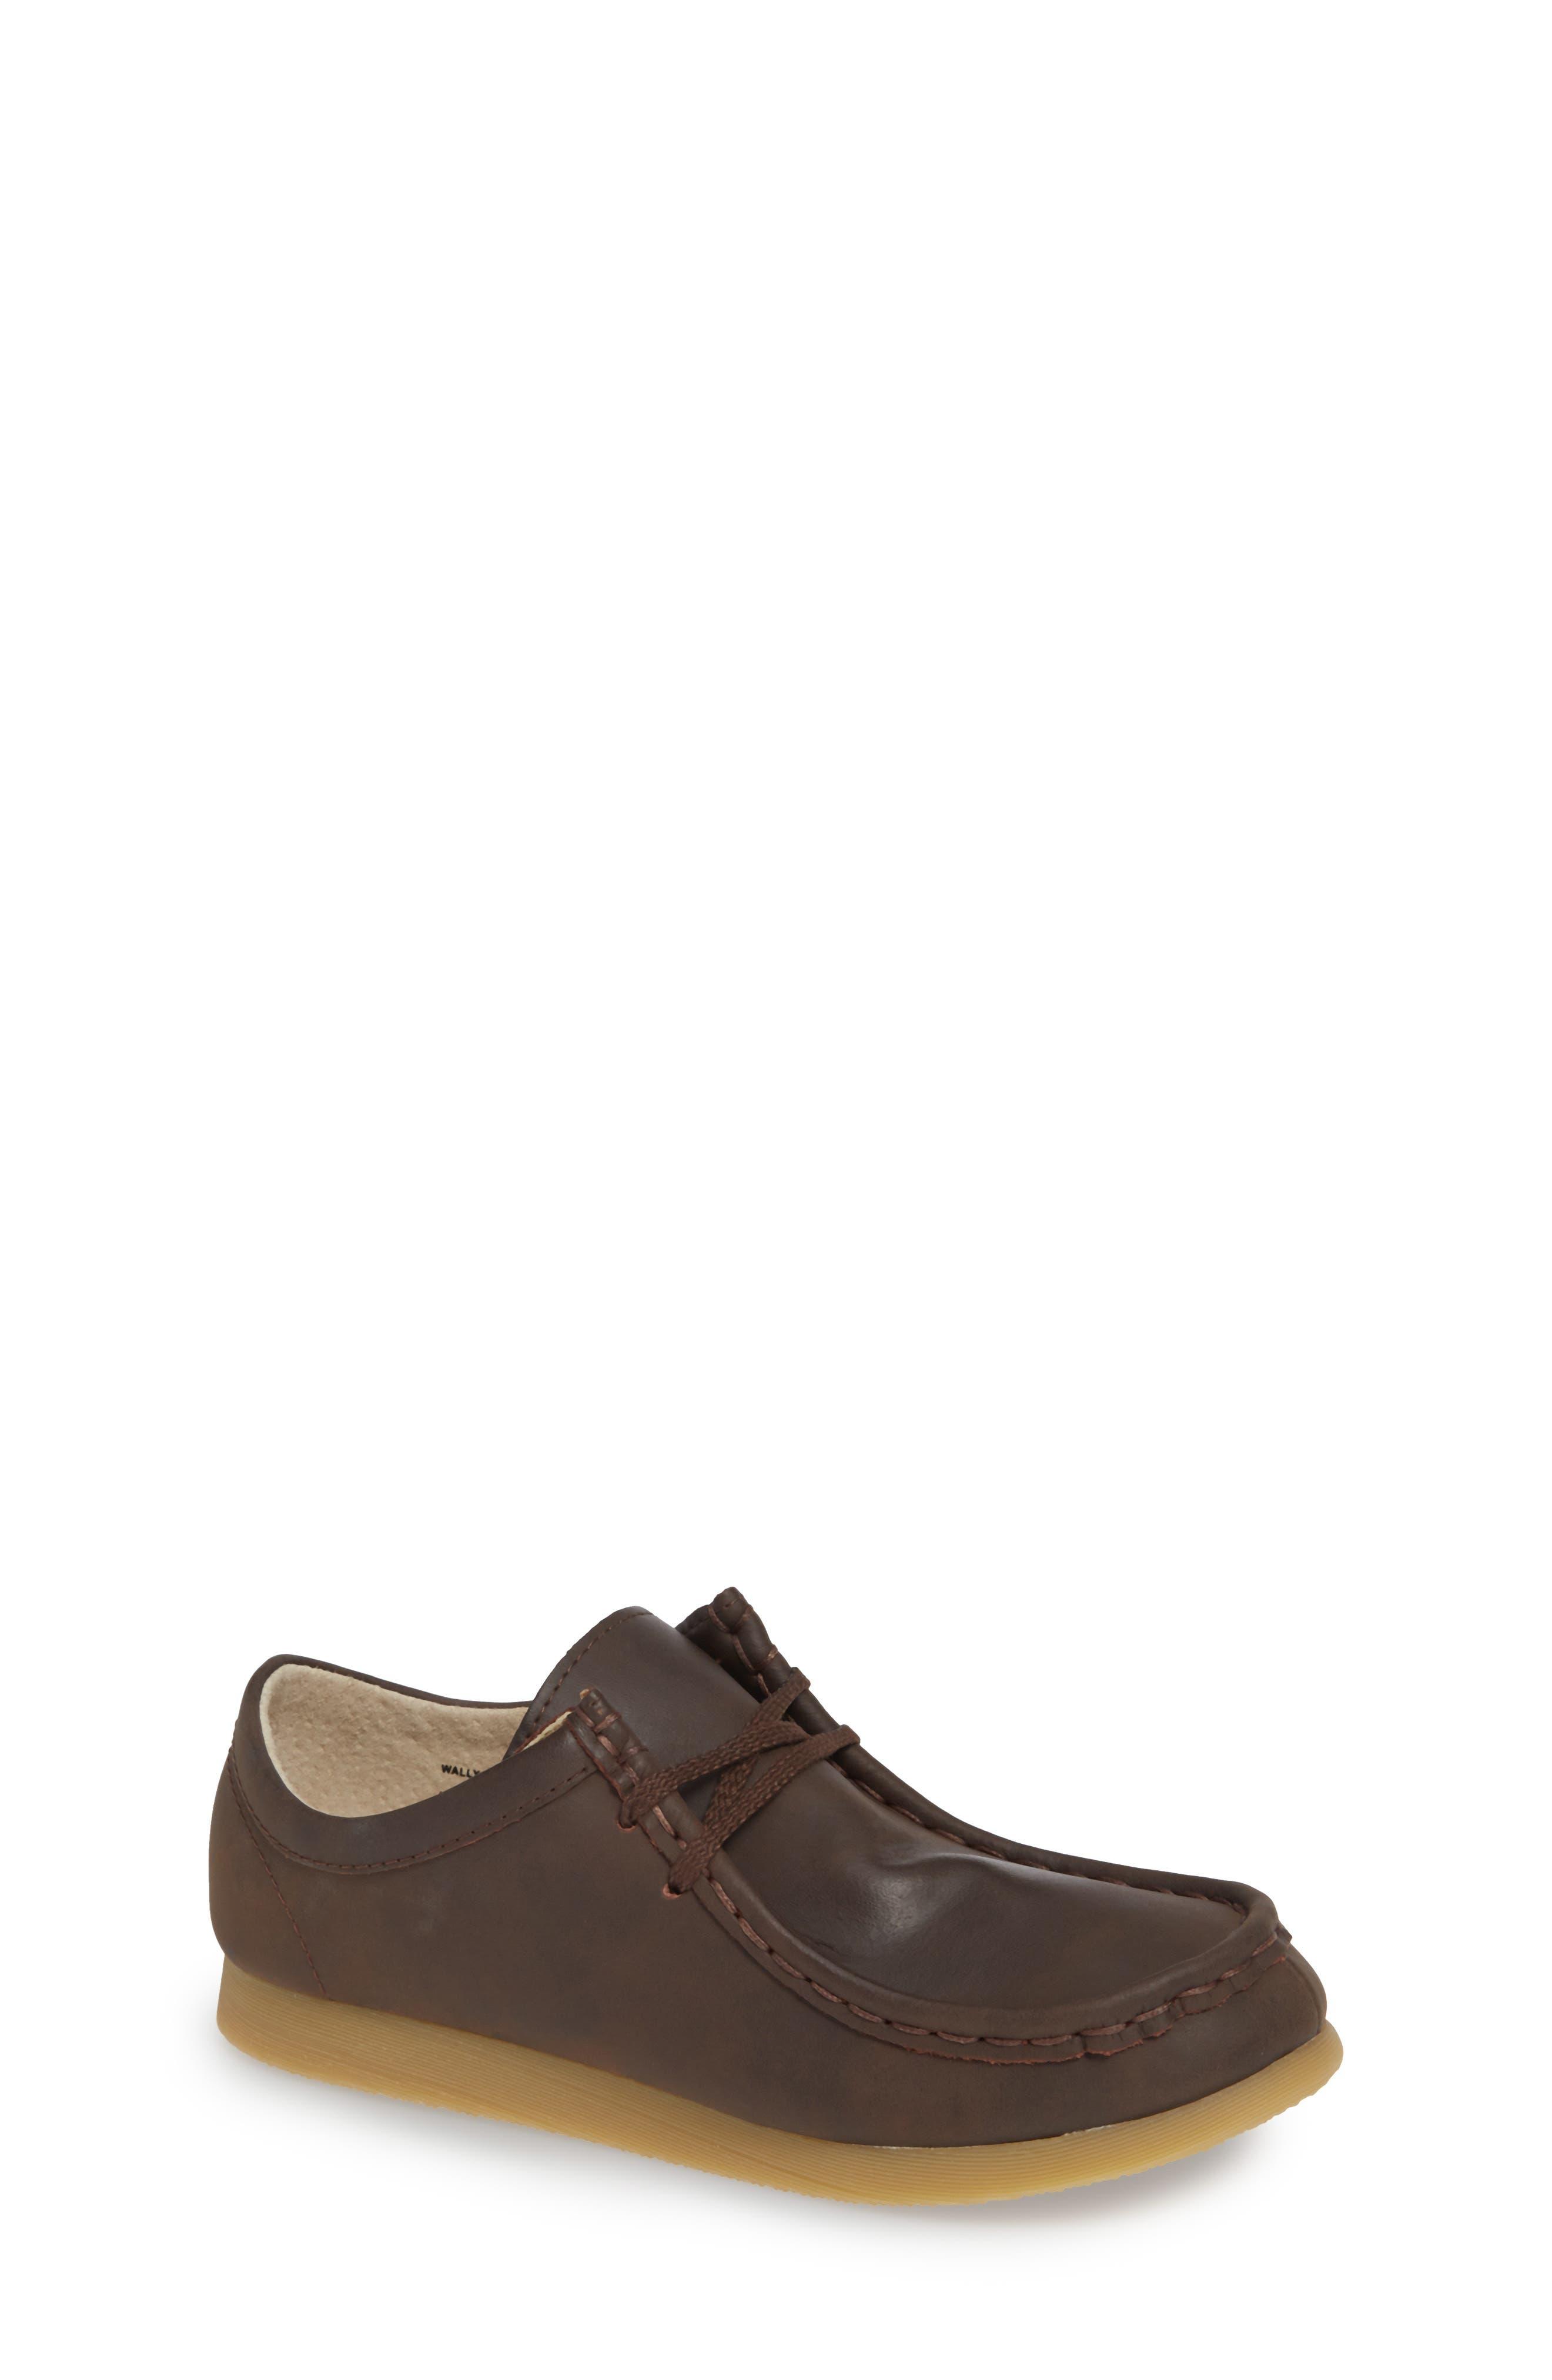 FOOTMATES, Wally Low Chukka Boot, Main thumbnail 1, color, BROWN OILED